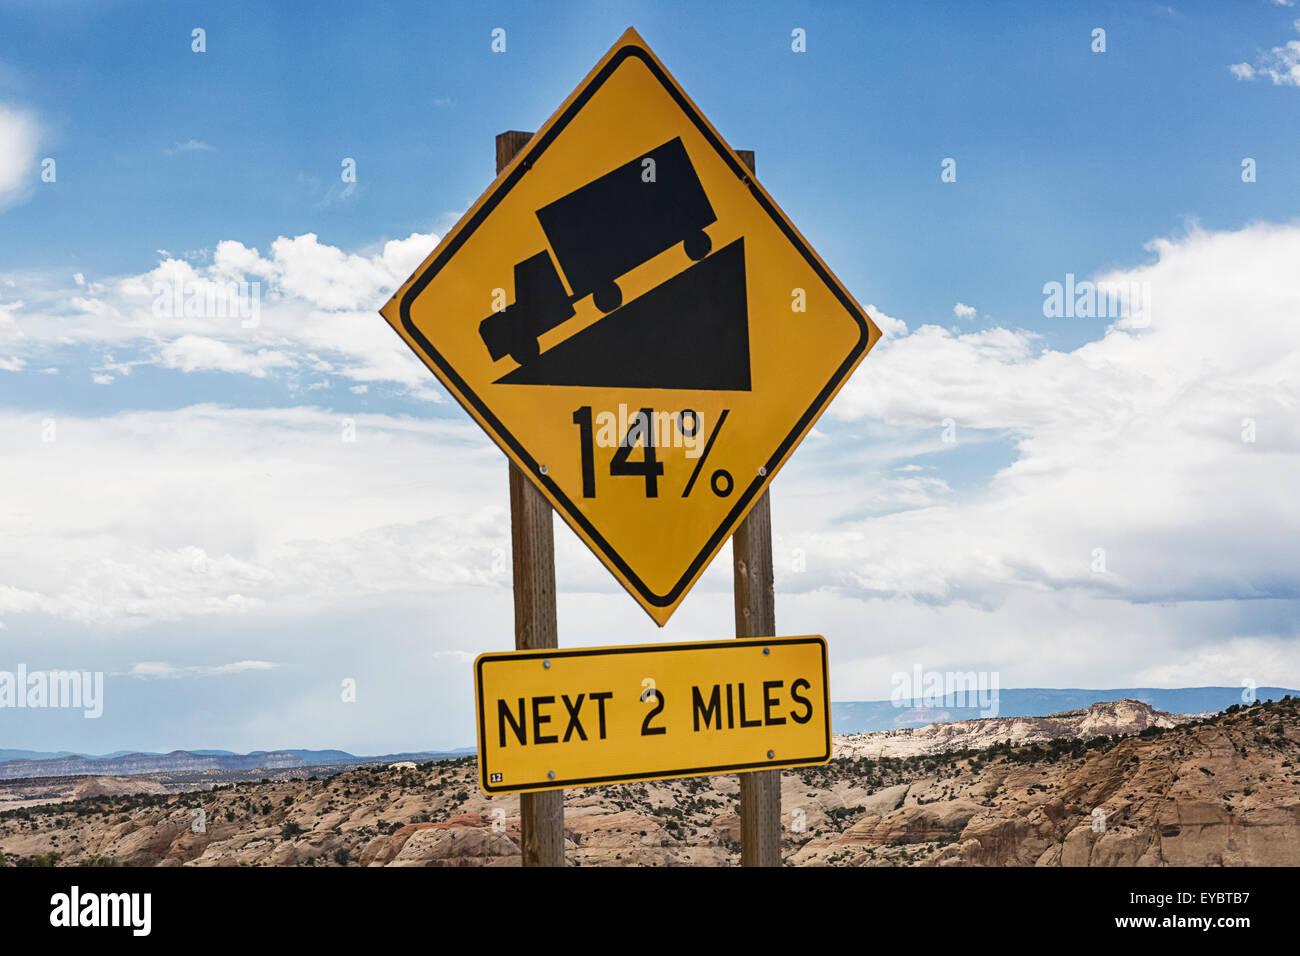 14% Grade Street Sign, Utah - Stock Image